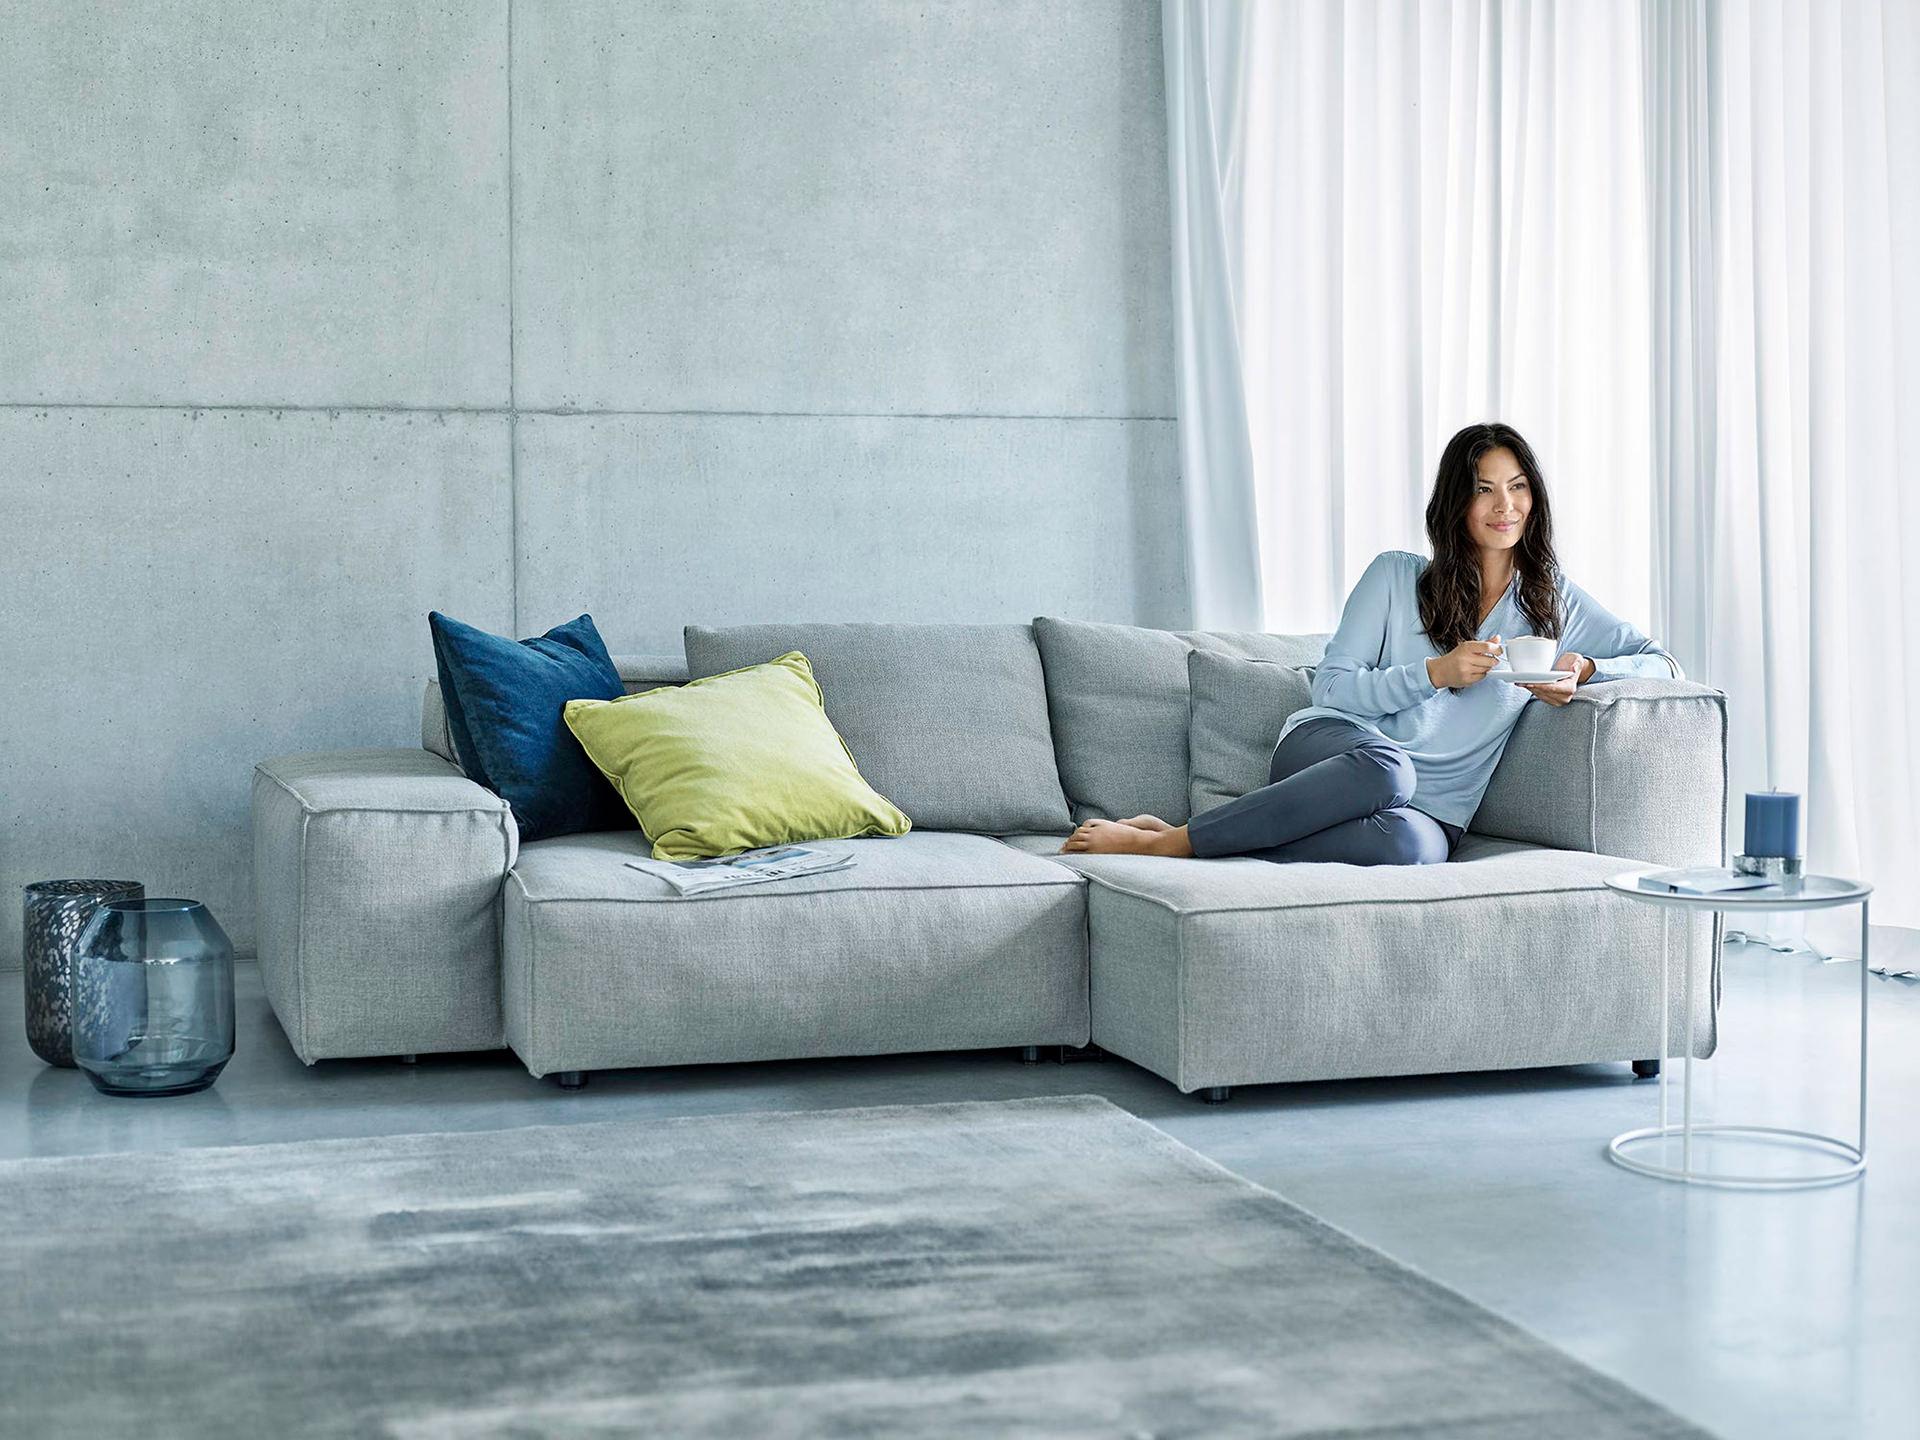 wohnzimmer-couch-frau-entspannt-siemens